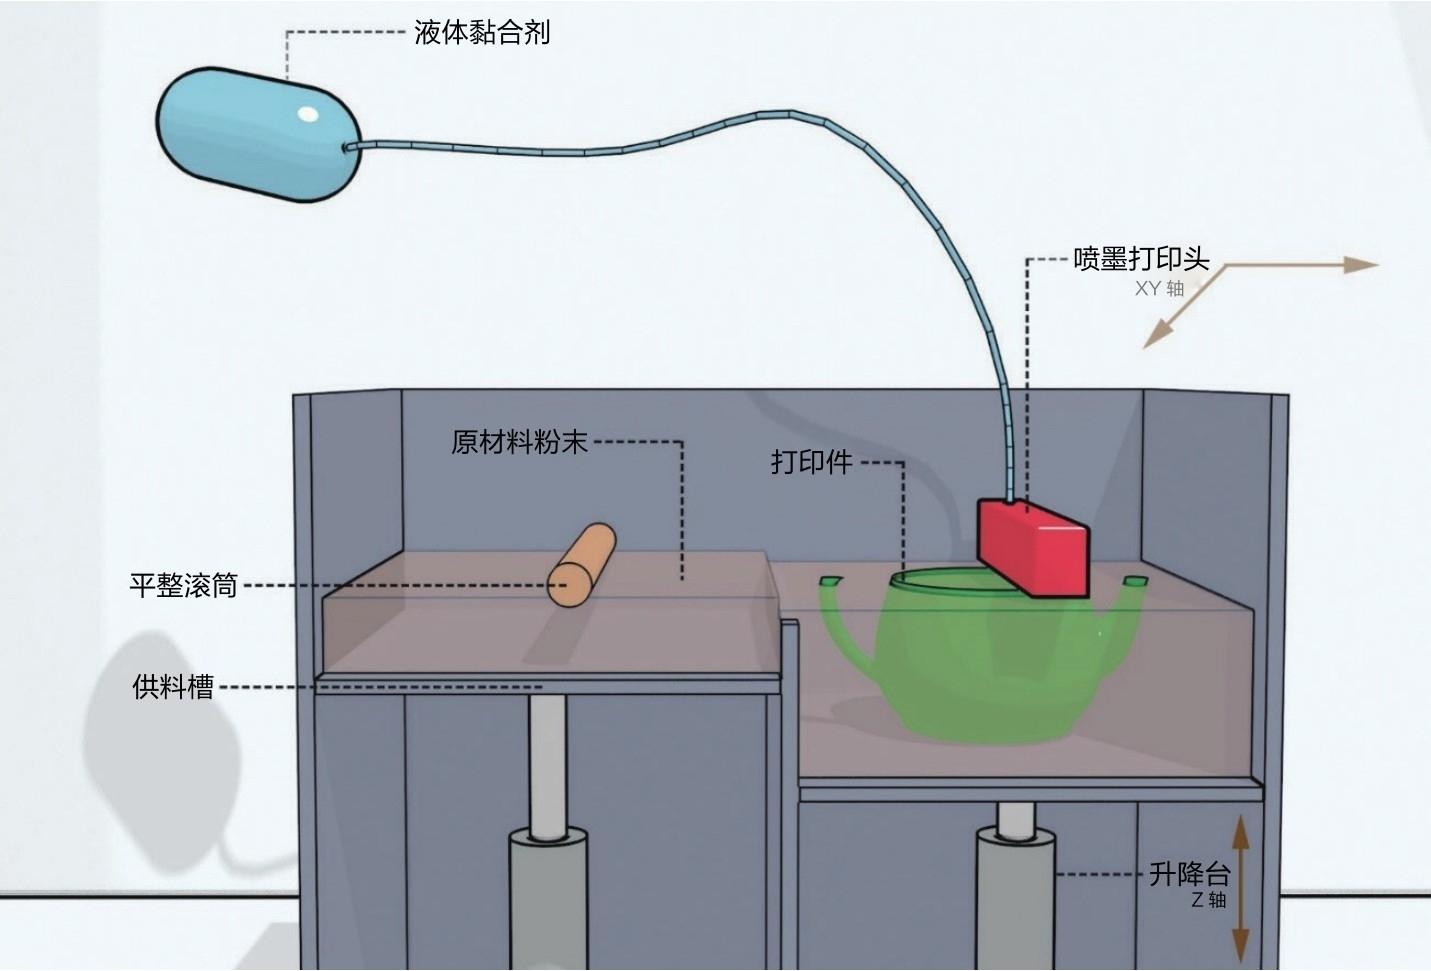 什么是喷墨粘粉式3DP?简述喷墨粘粉式3DP的技术原理